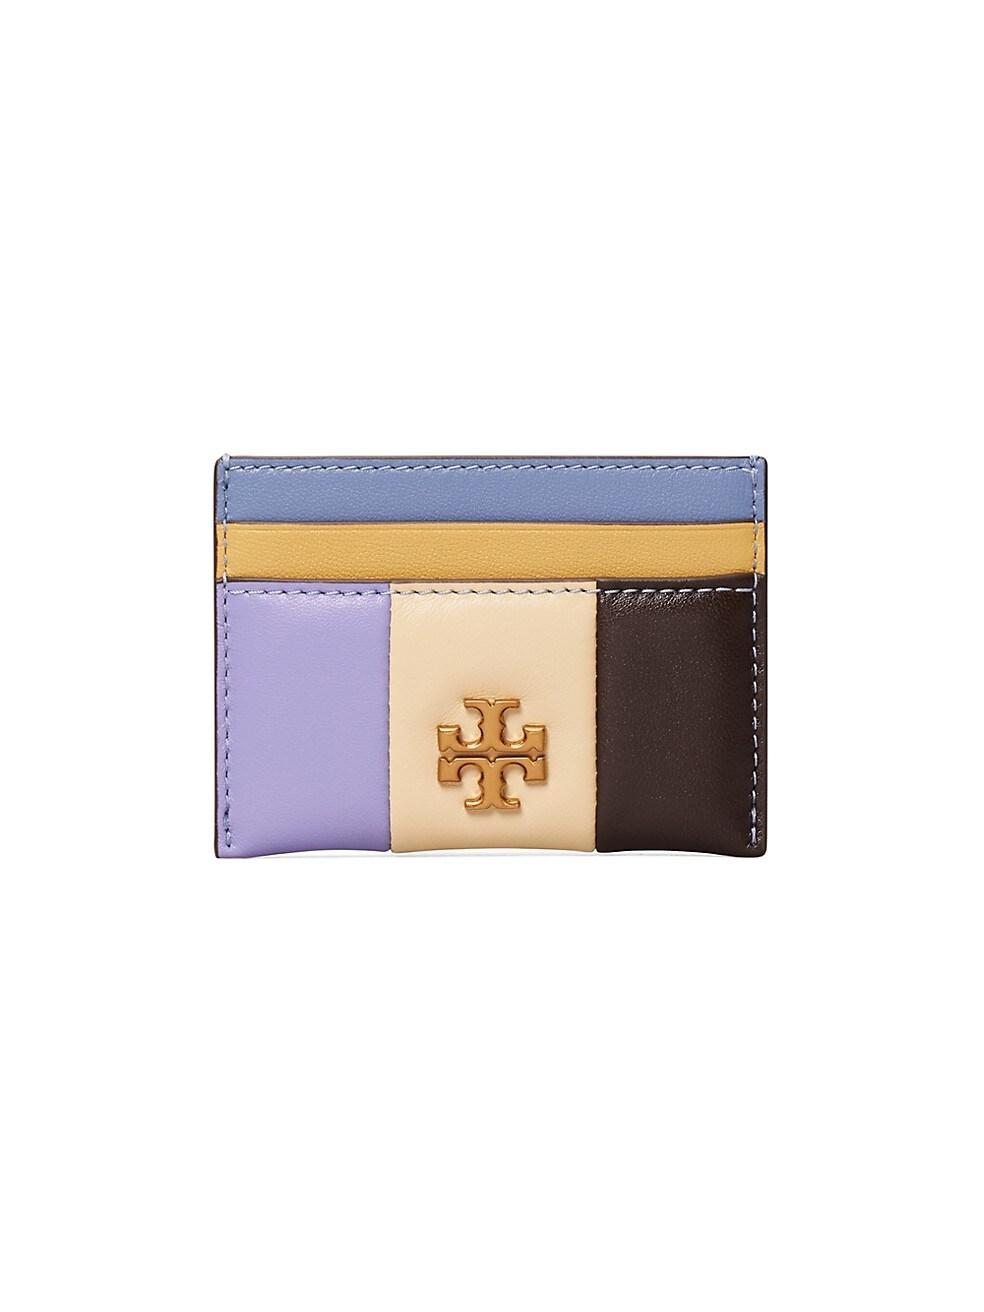 토리버치 카드 지갑 Tory Burch Kira Patchwork Leather Card Case,MULTI